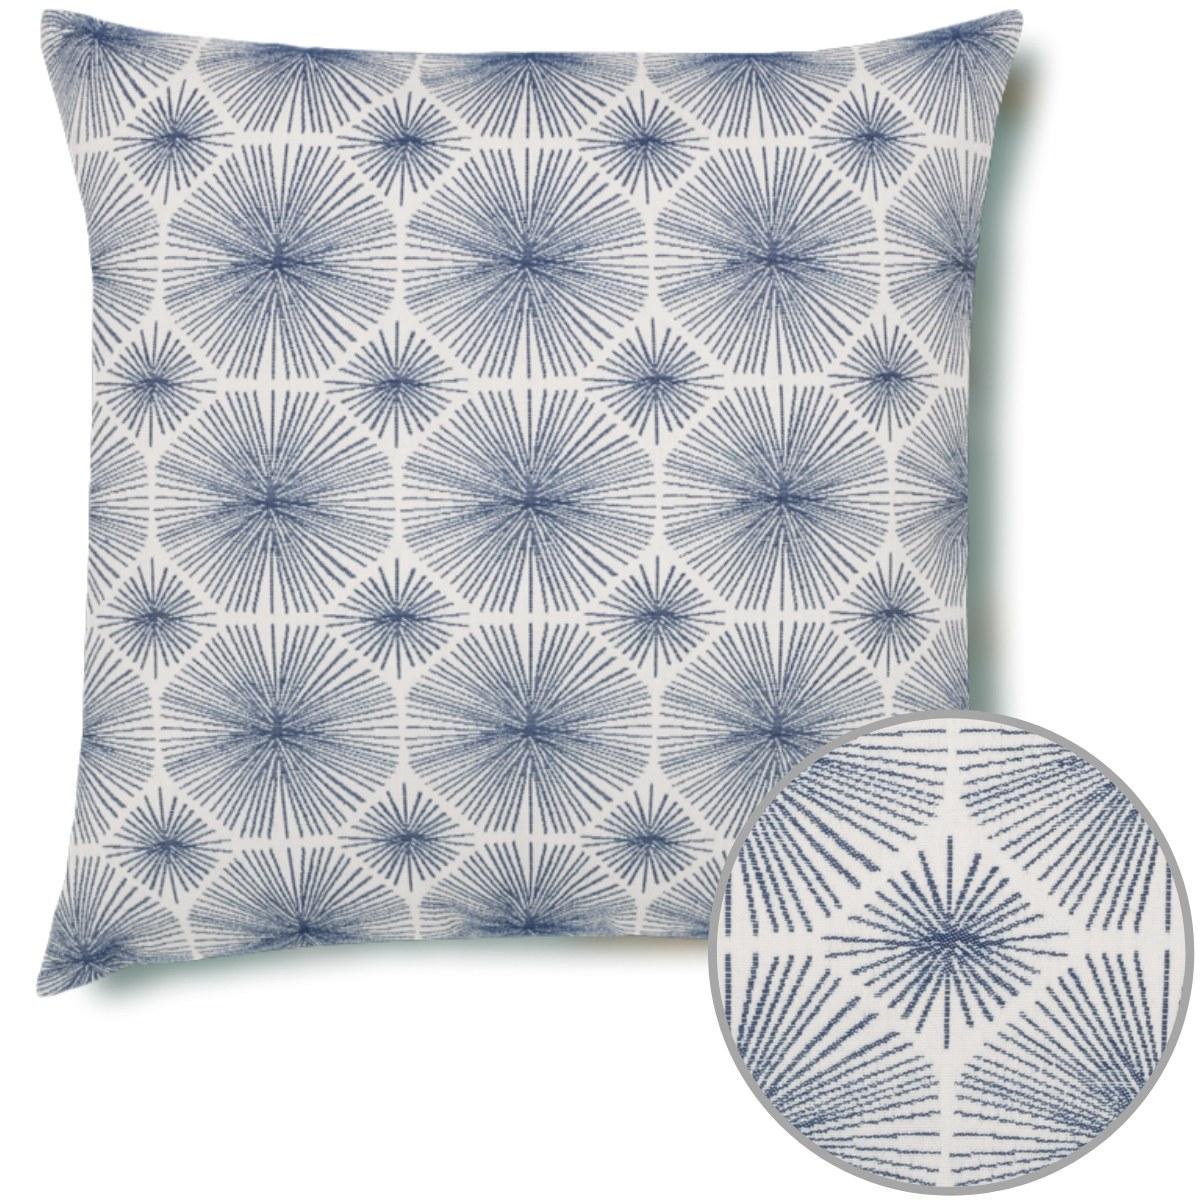 Radiance Indigo Elaine Smith Pillow